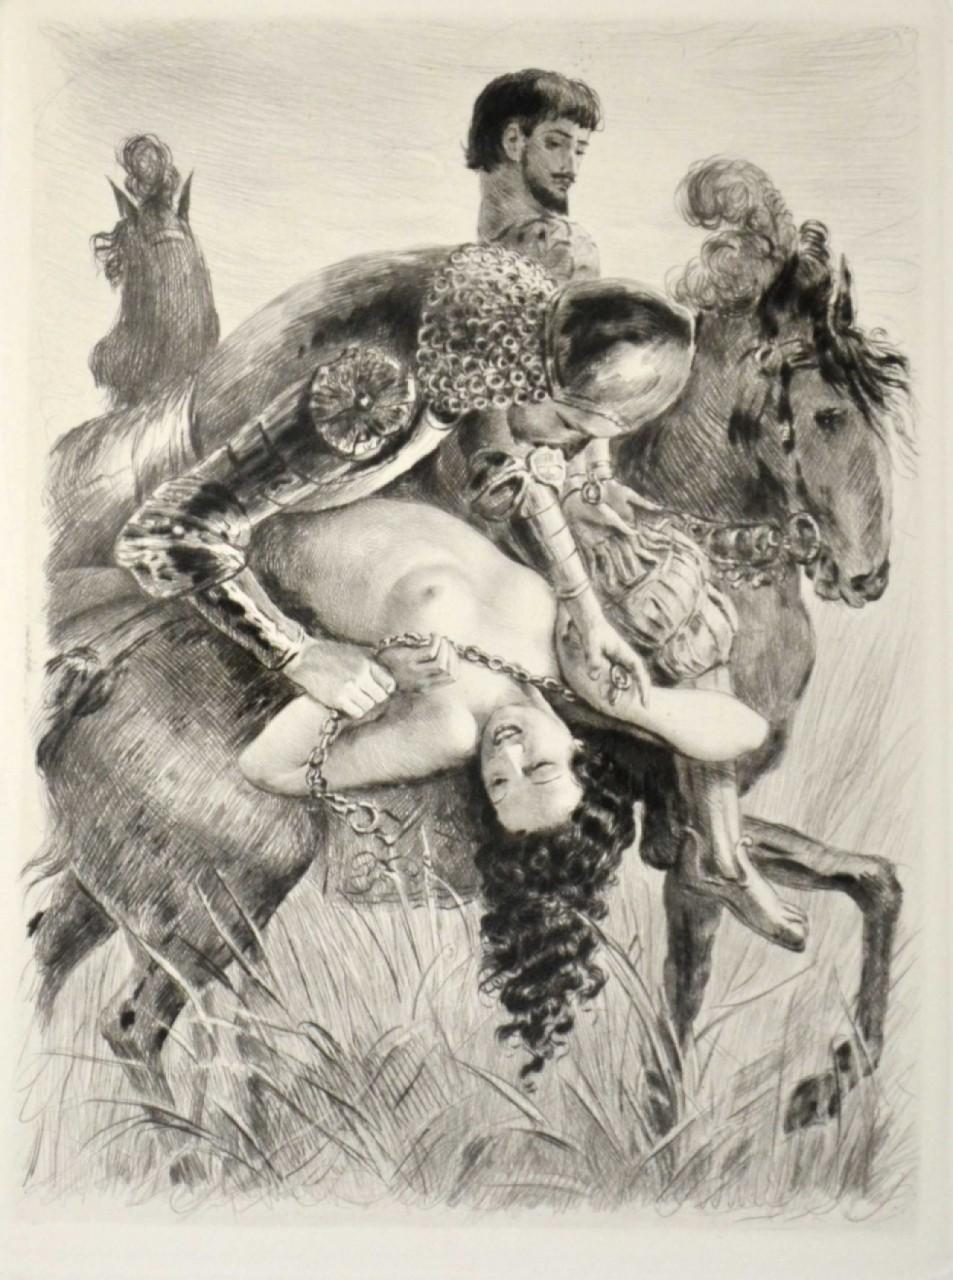 BECAT Pierre Emile femme nue enlevée par des chevaliers